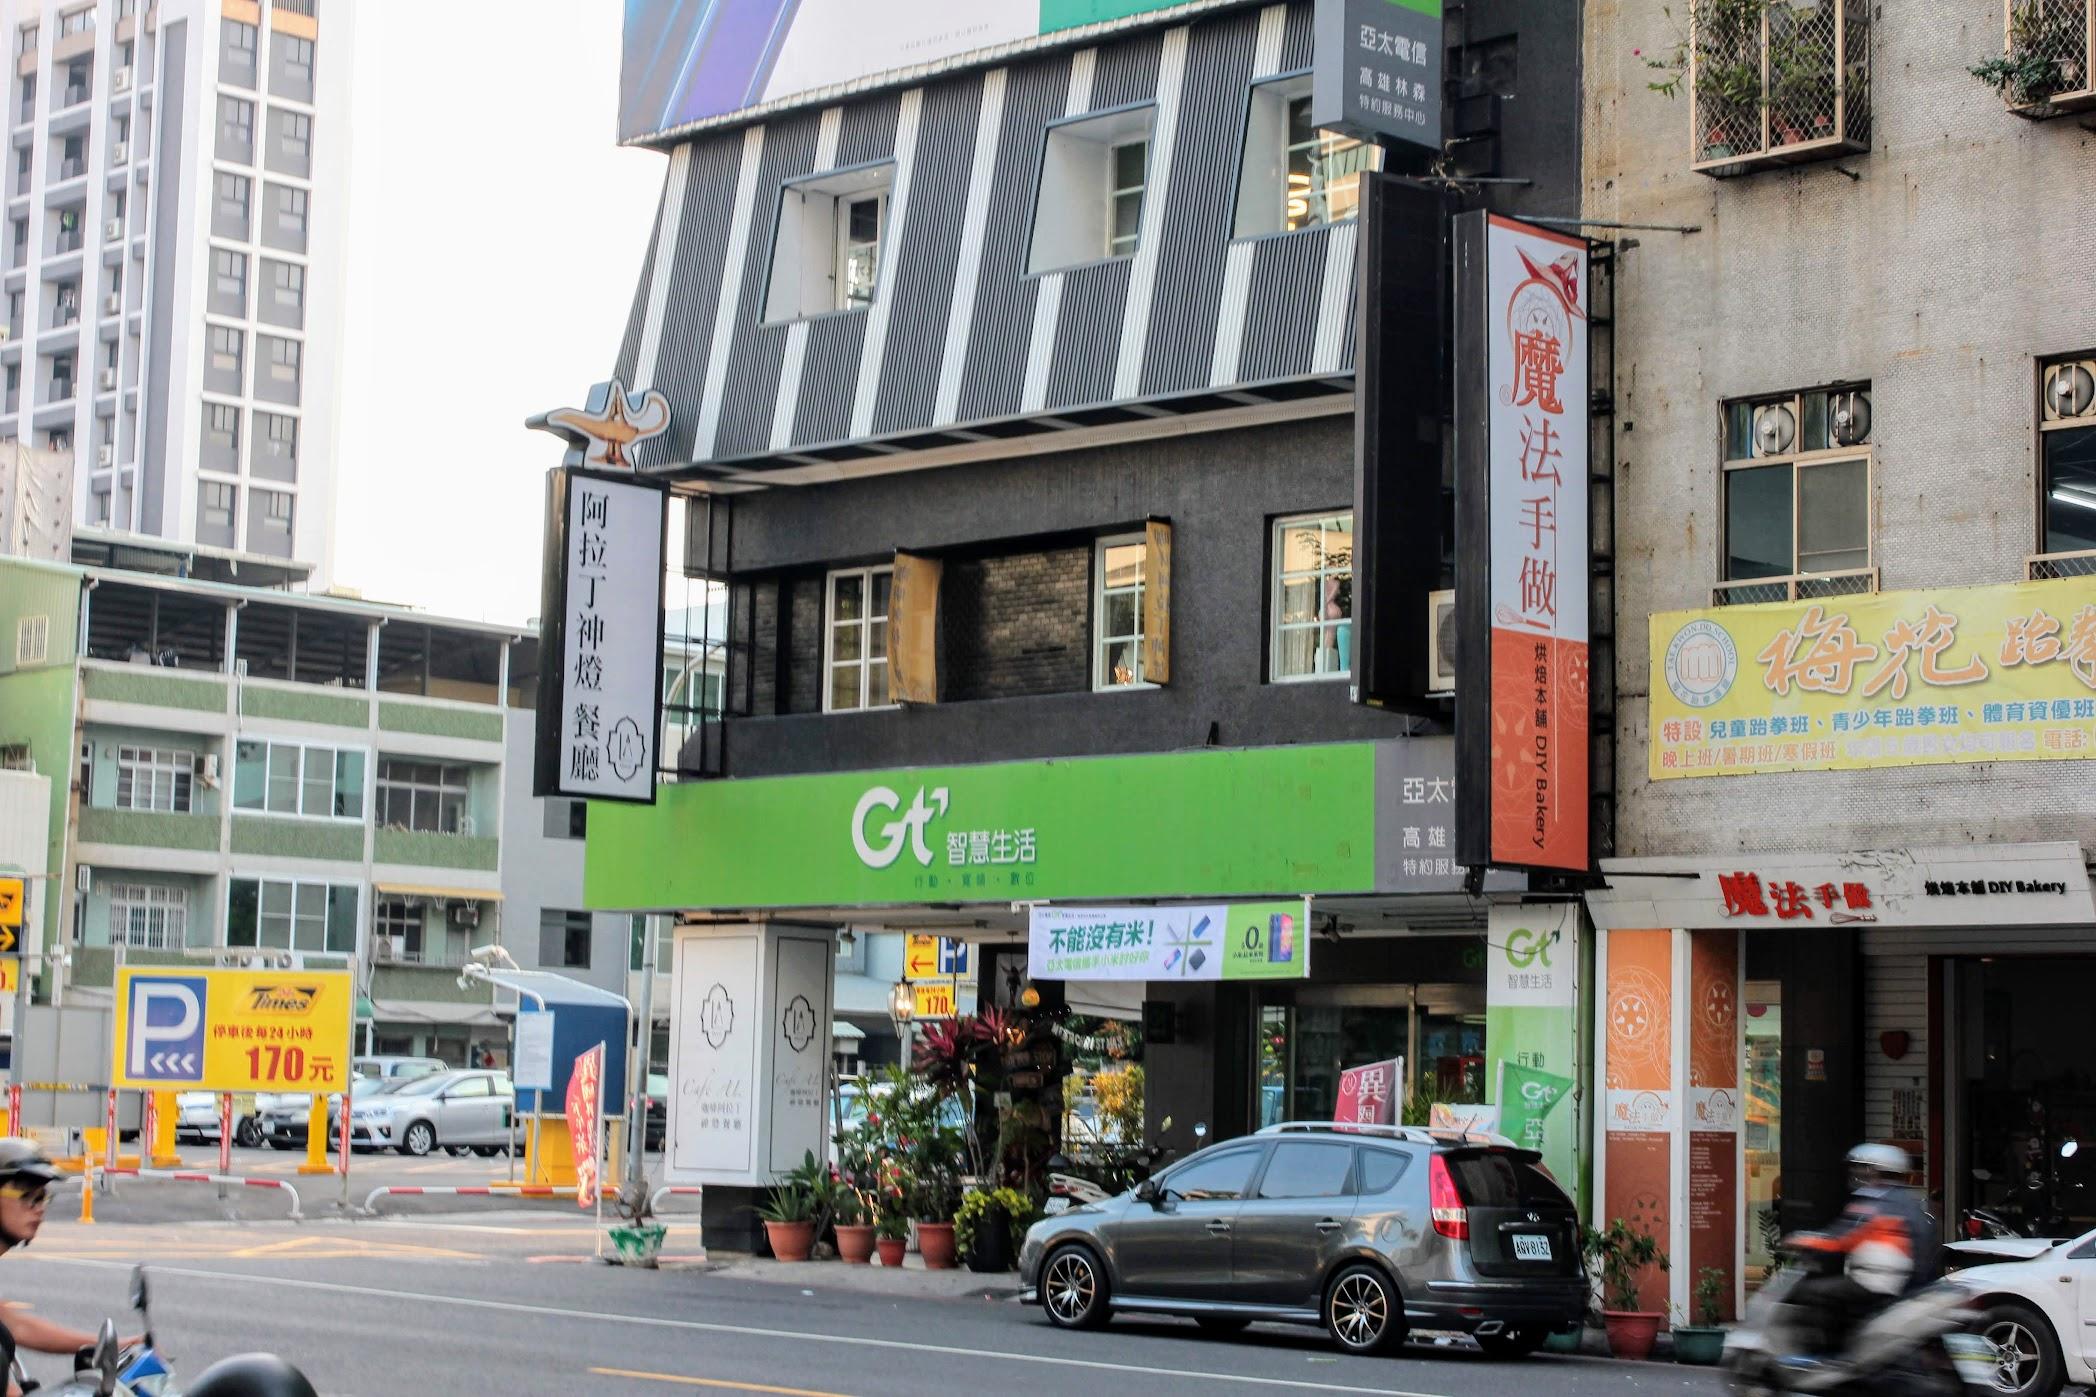 阿拉丁神燈餐廳,就在中華電信南區分公司對面